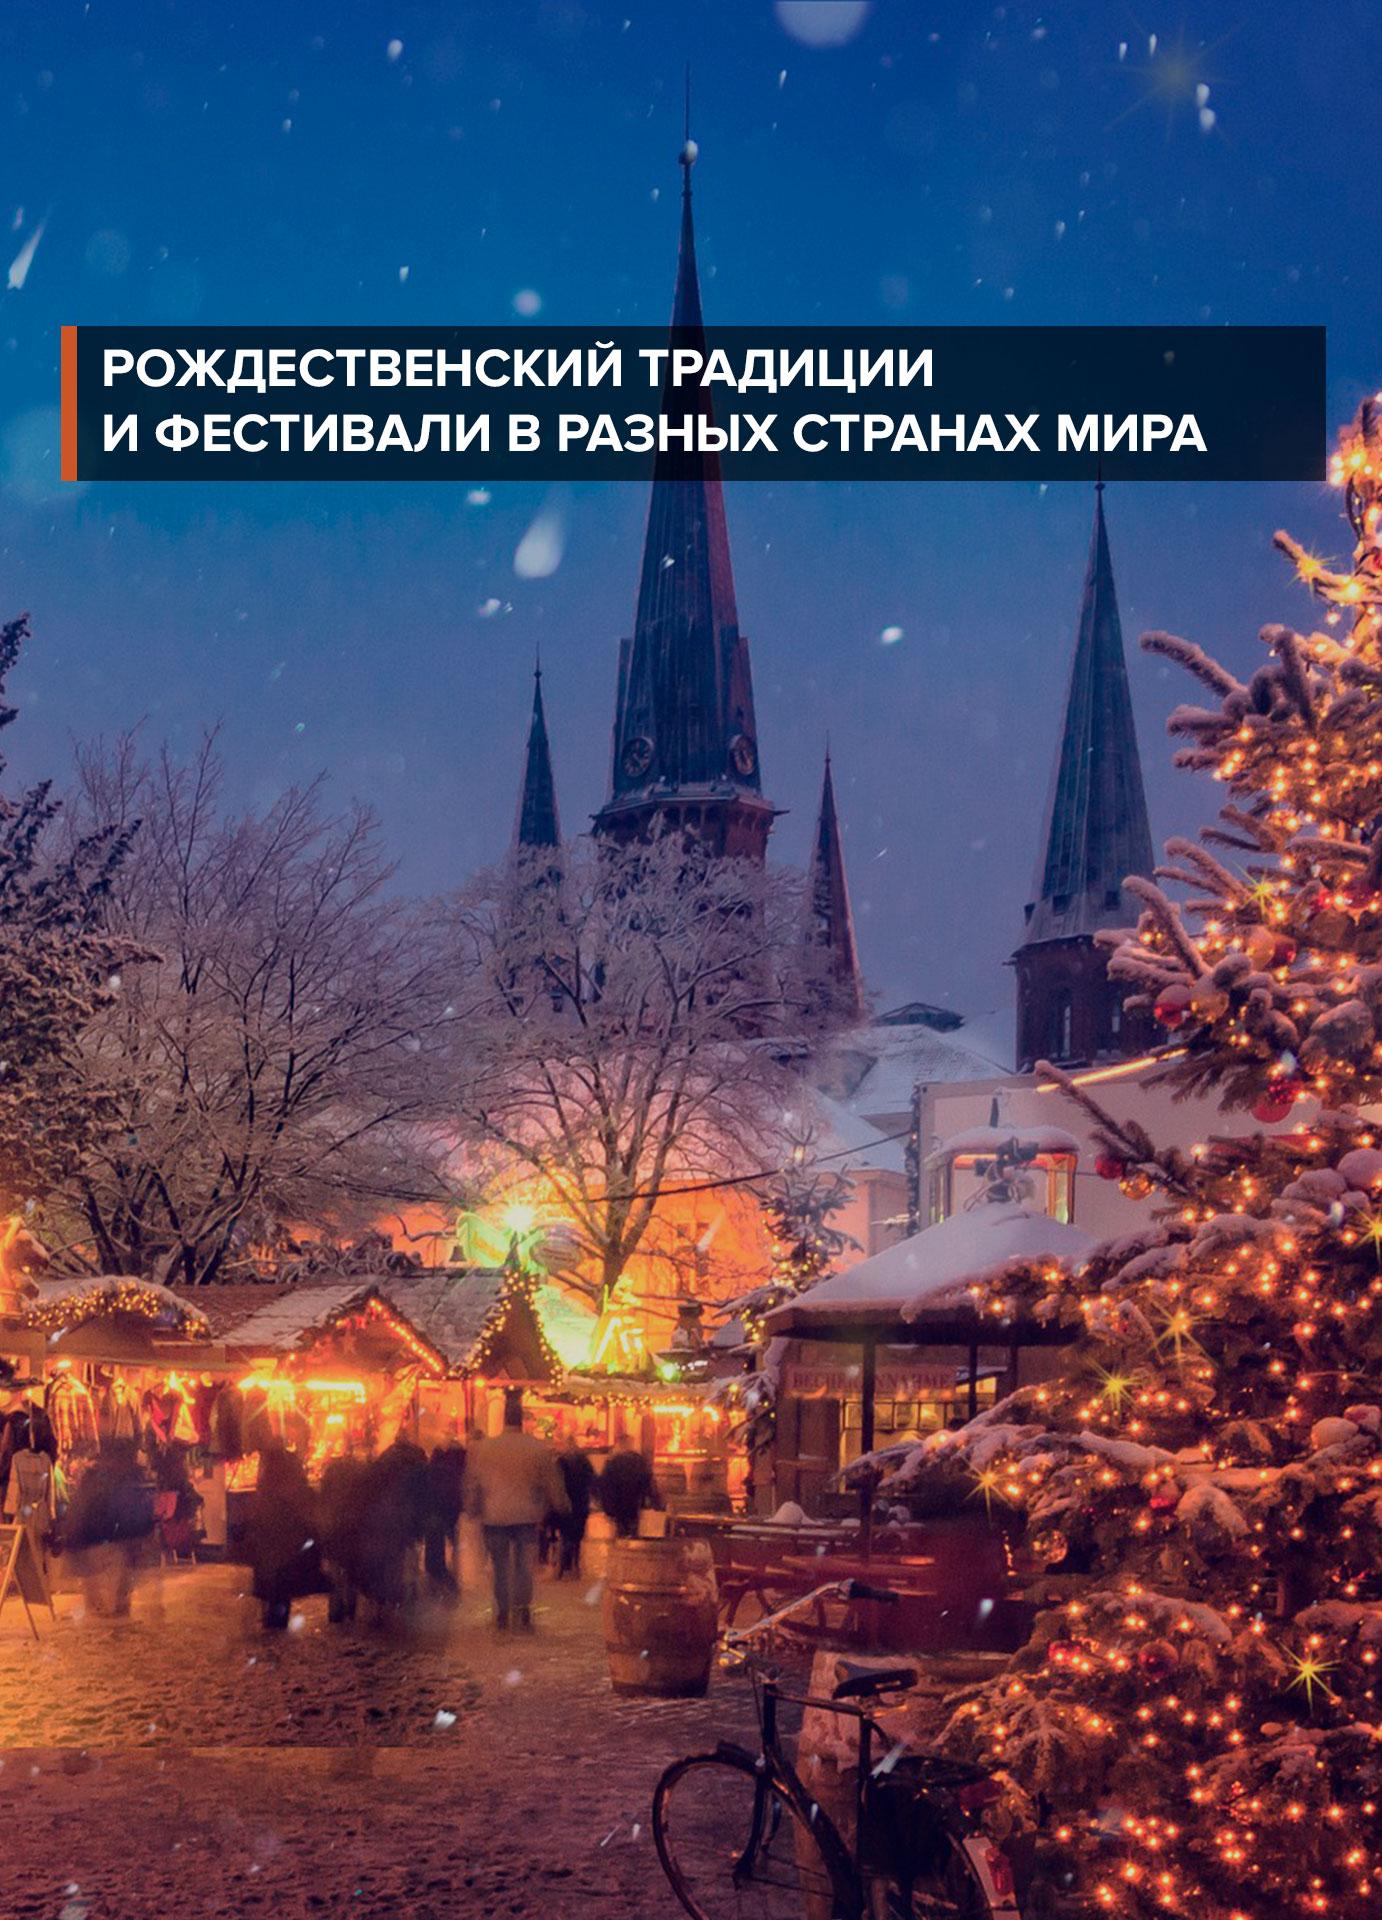 Рождественский традиции и фестивали в разных странах мира